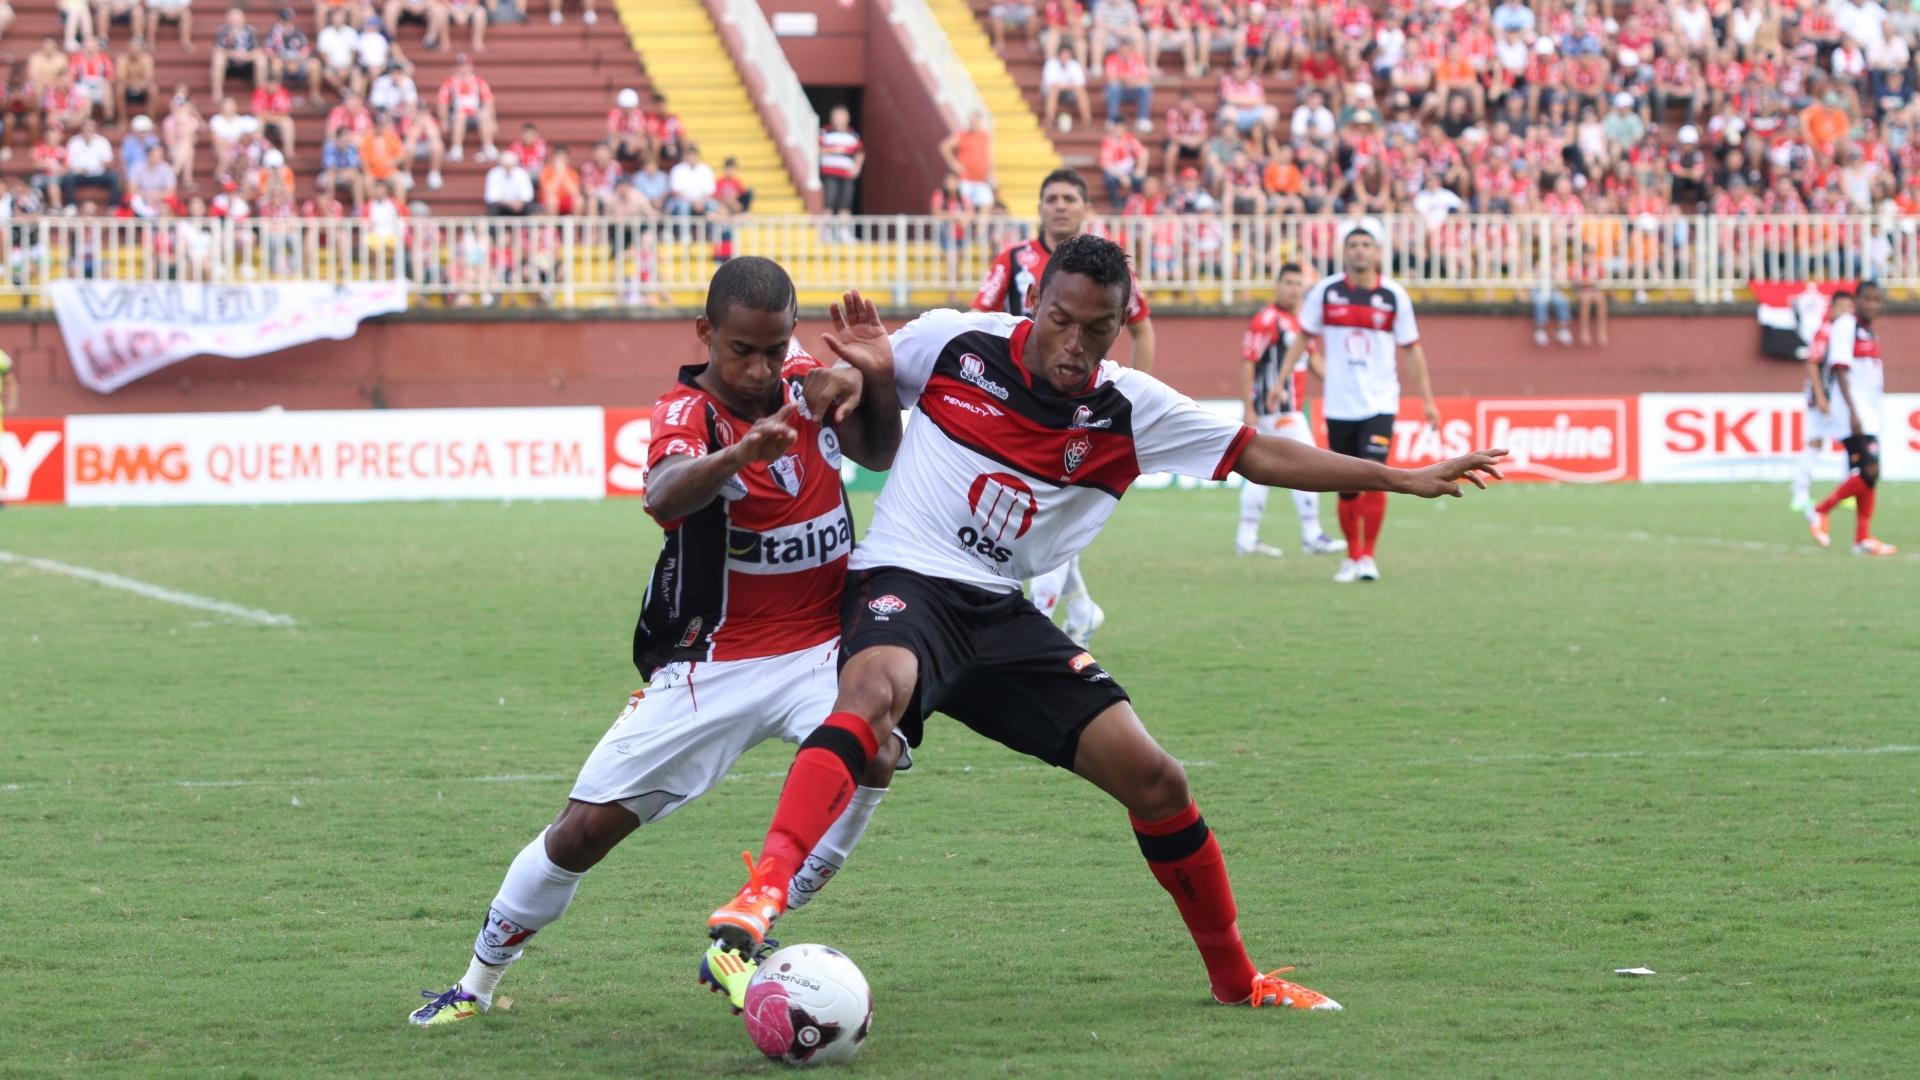 Jogadores de Joinville e Vitória disputam a bola na partida que terminou empatada por 1 a 1, pela Série B do Campeonato Brasileiro